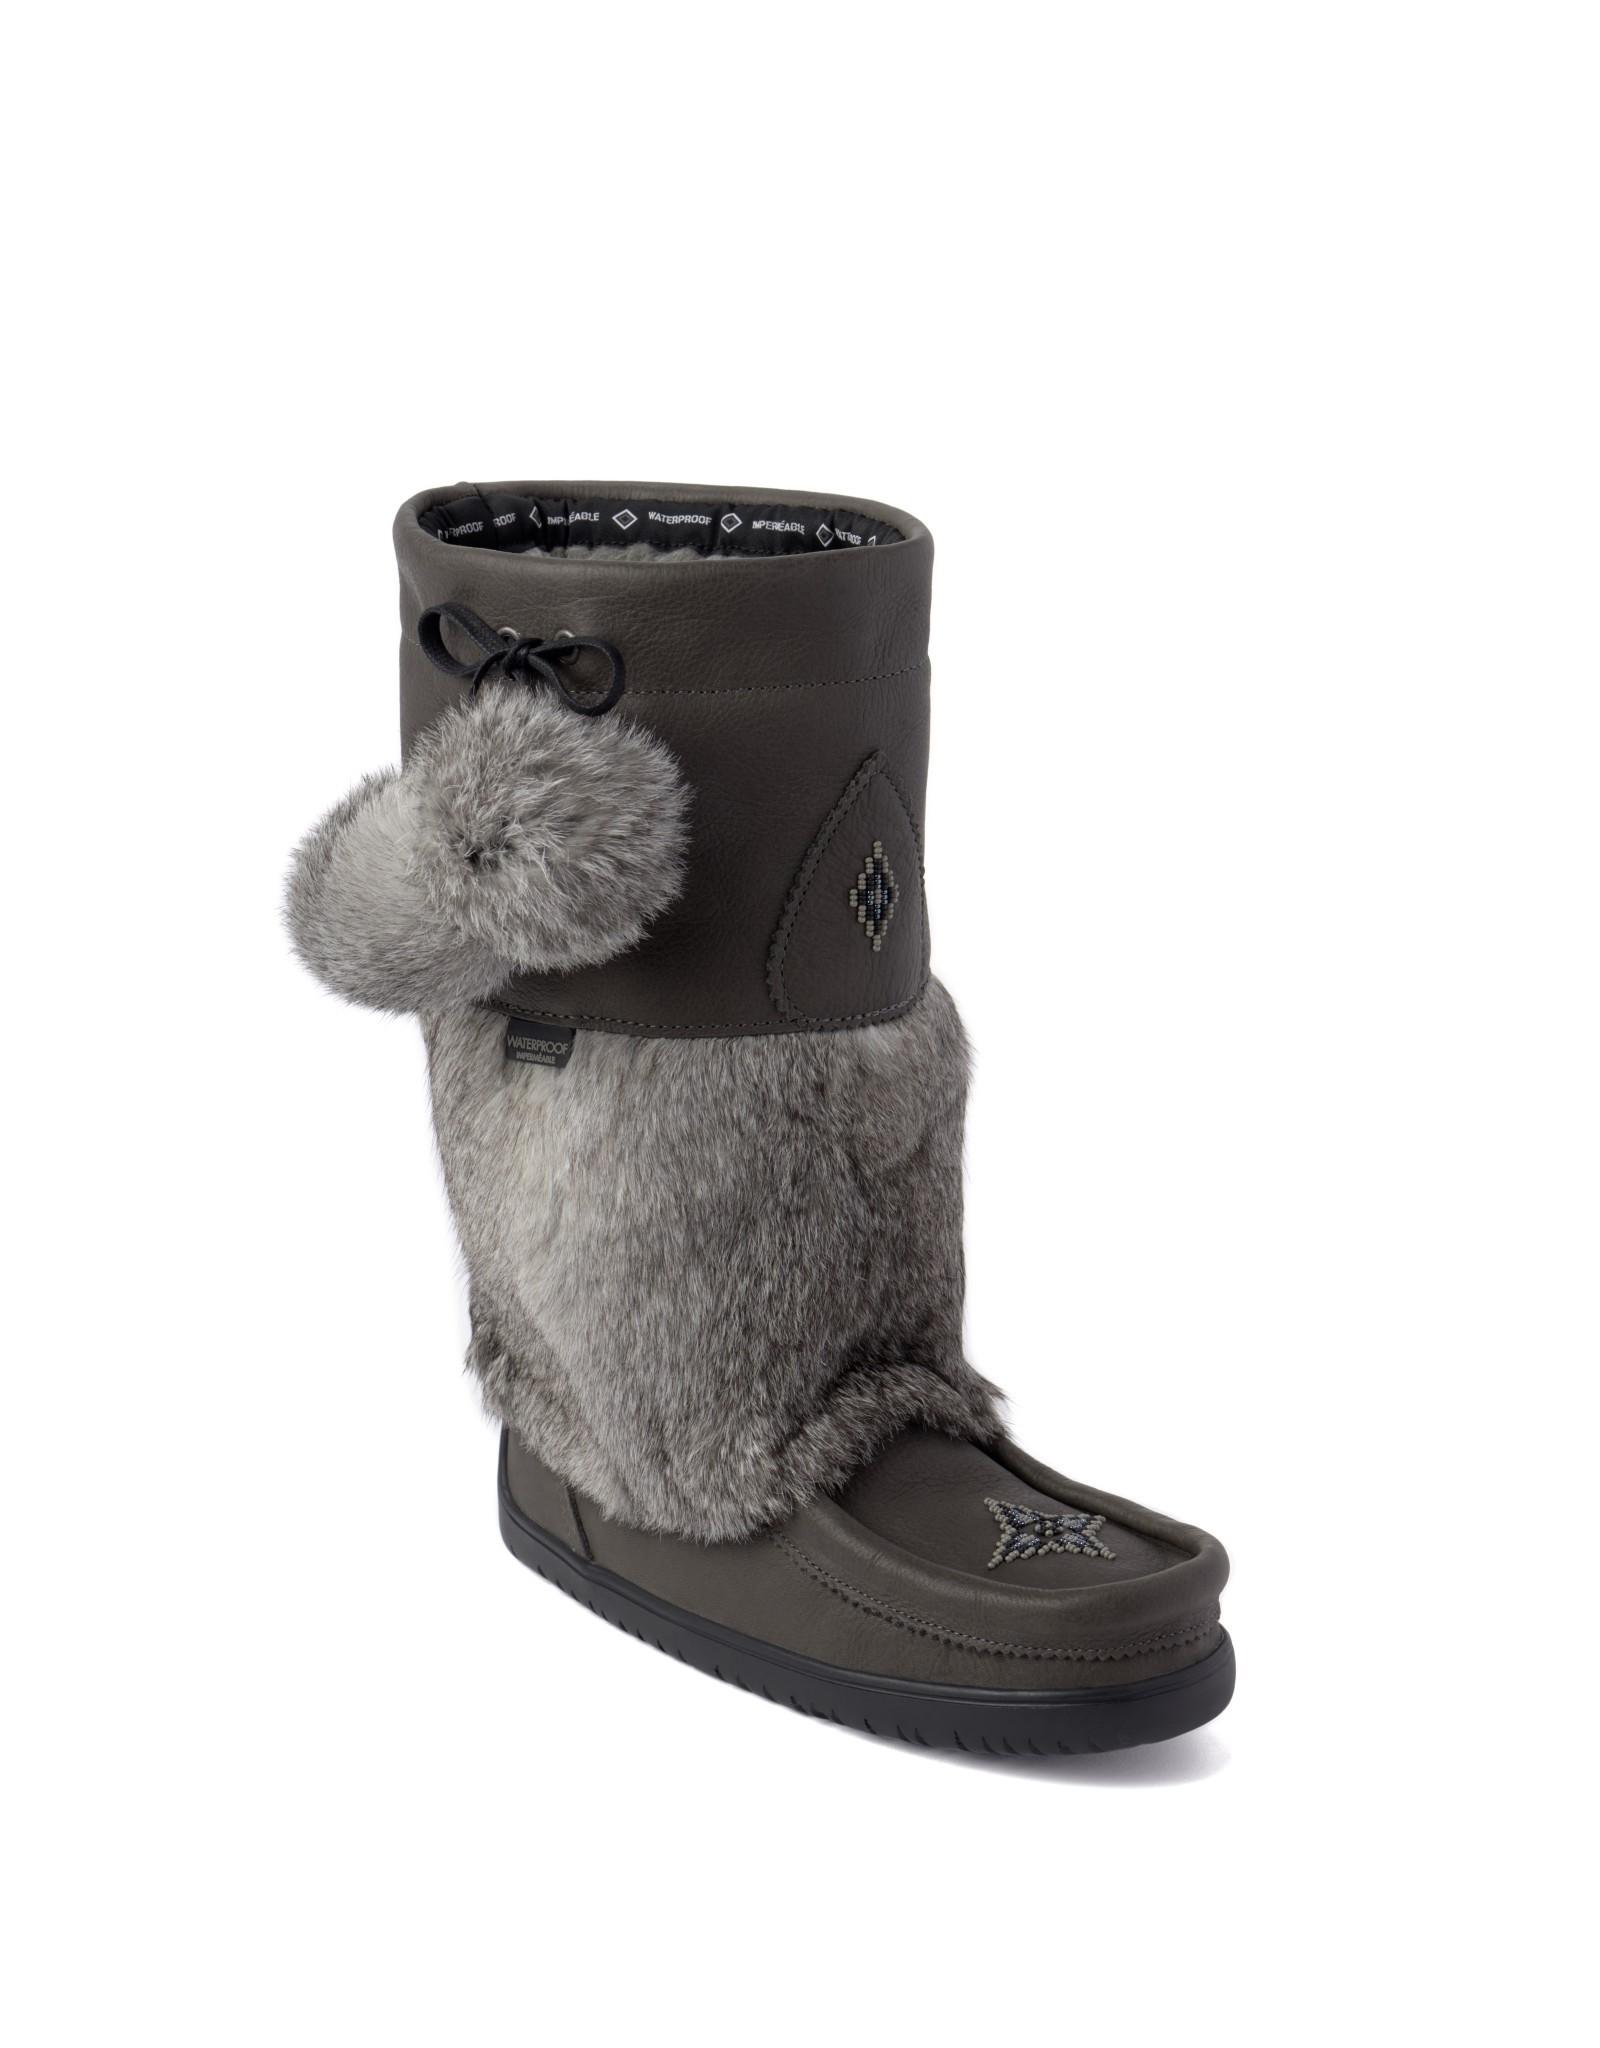 Manitobah Mukluks Manitobah Mukluk 6012  Snowy Owl Waterproof Grain Mukluk Ladies'